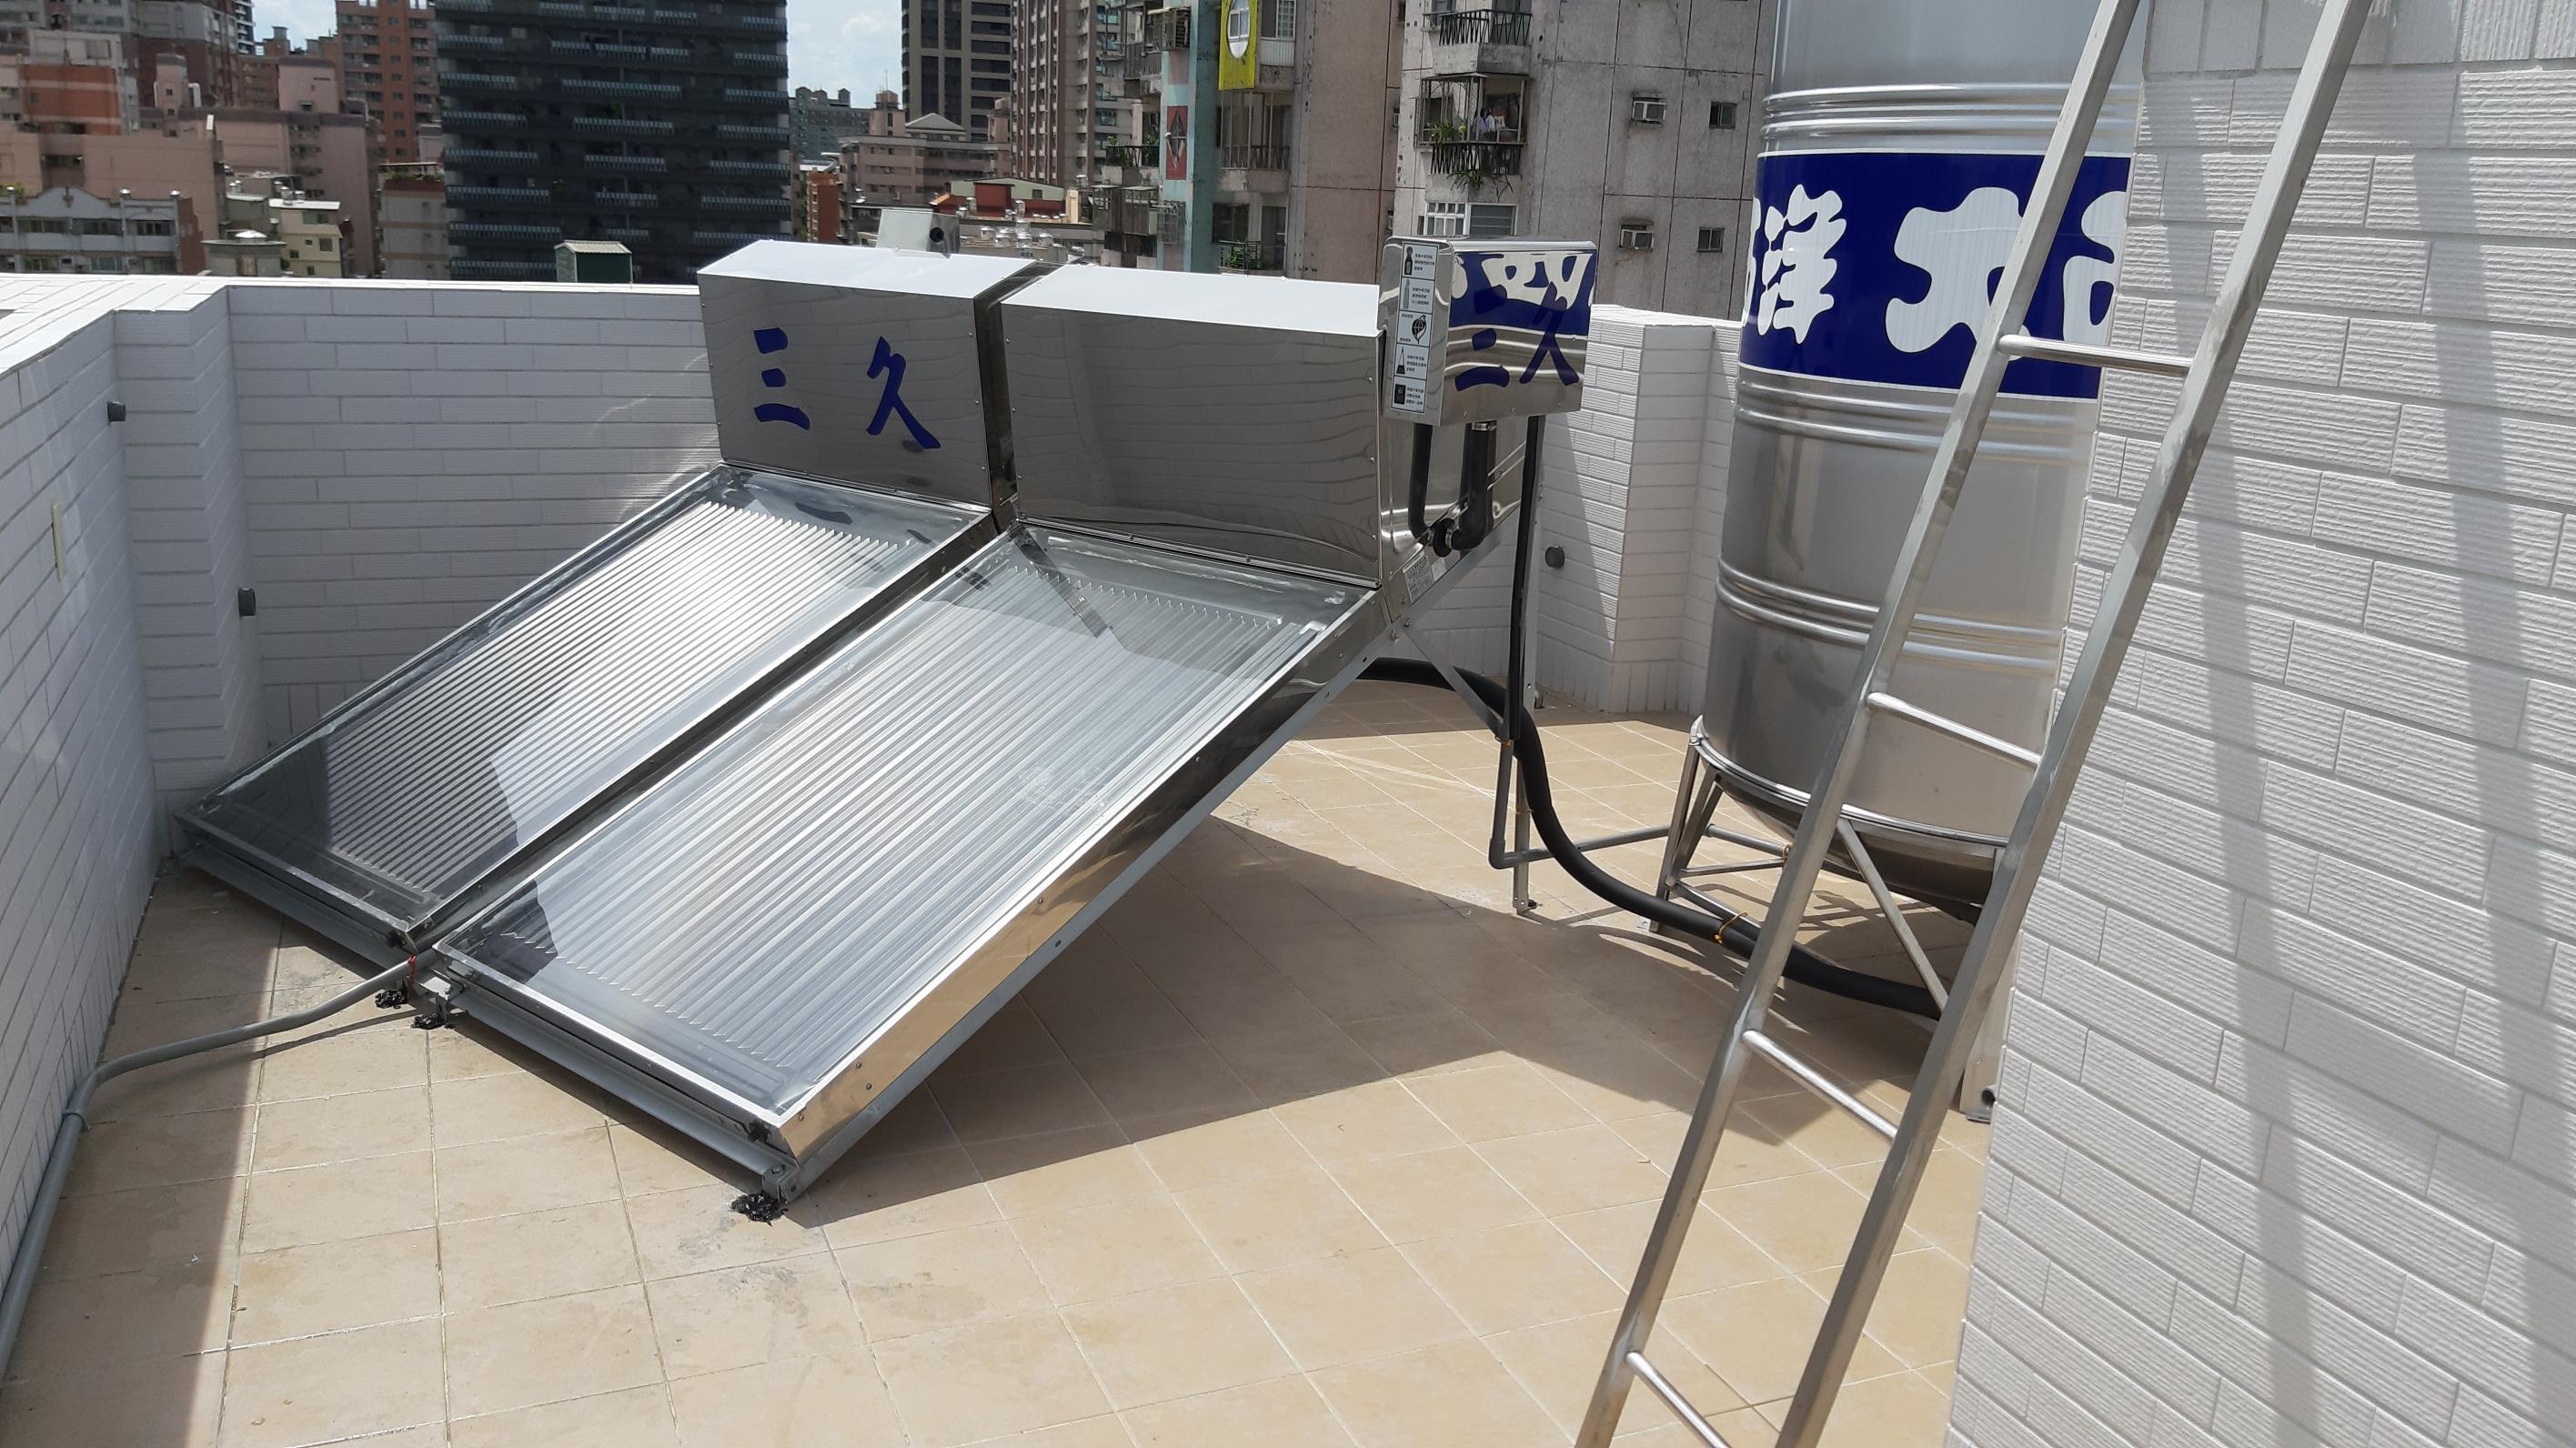 三久太陽能電熱水器 TOP 256 裝到好 另~停車場柵欄機 soyal ar-727h 門禁刷卡機 排隊叫號系統 老羅工程